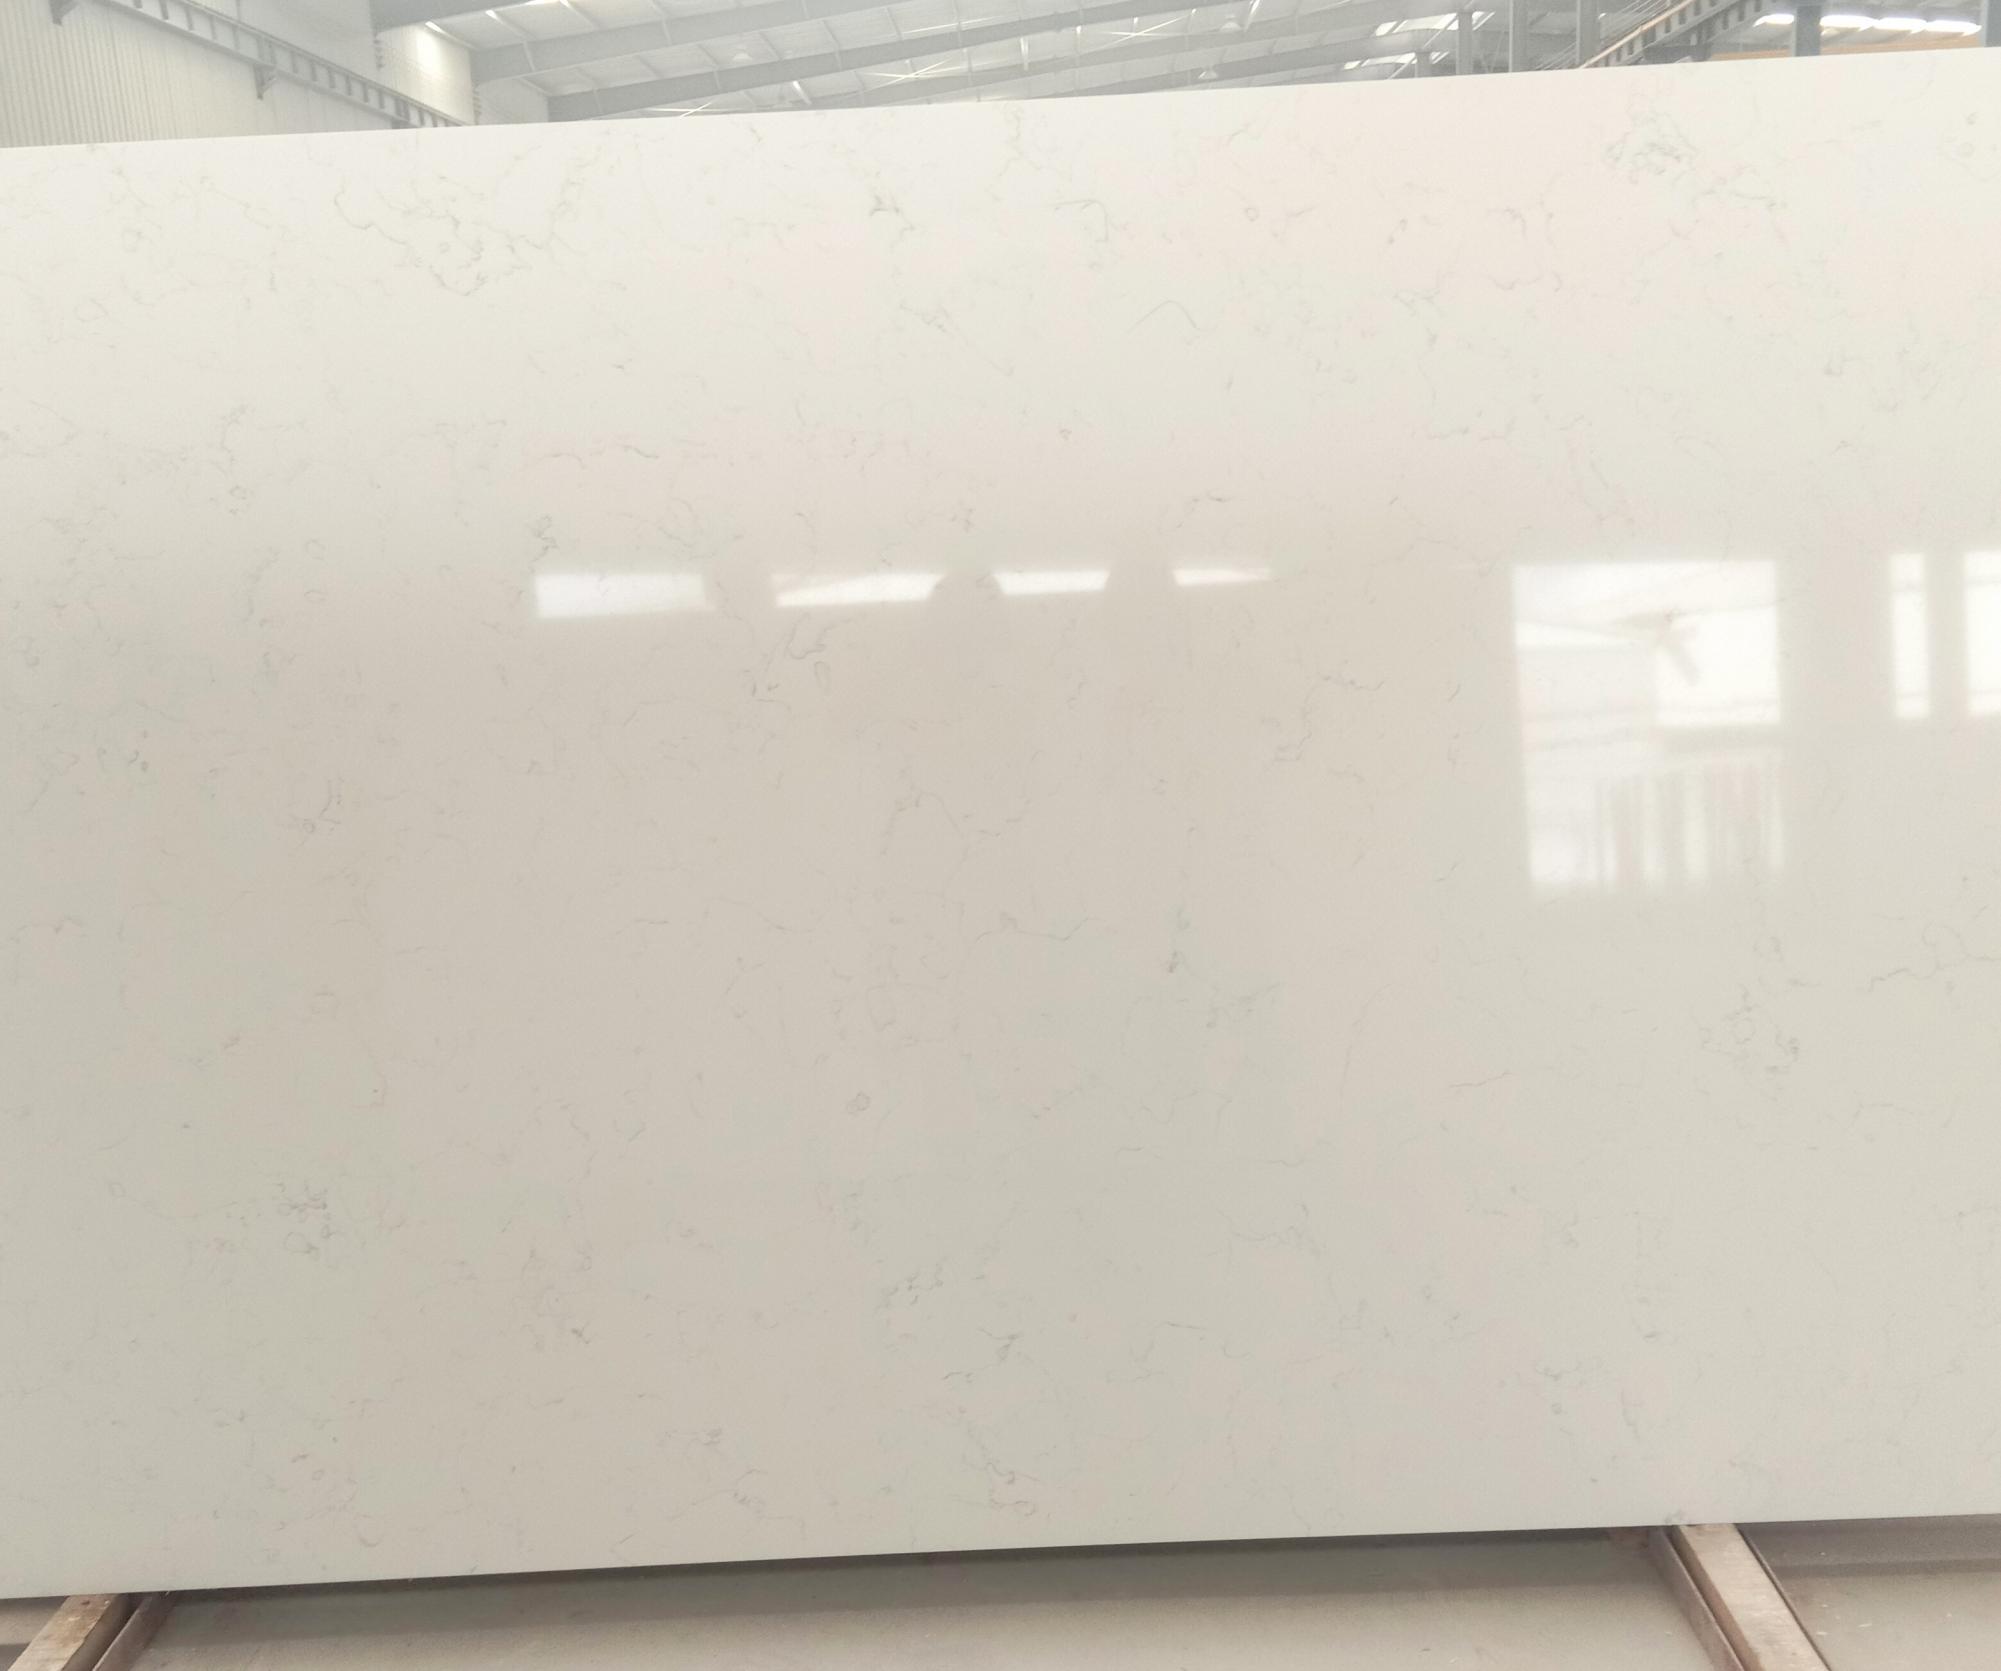 Venetian White Fornitura Hai Phong (Vietnam) di lastre grezze lucide in quarzo agglomerato artificiale 6302 , SL2CM